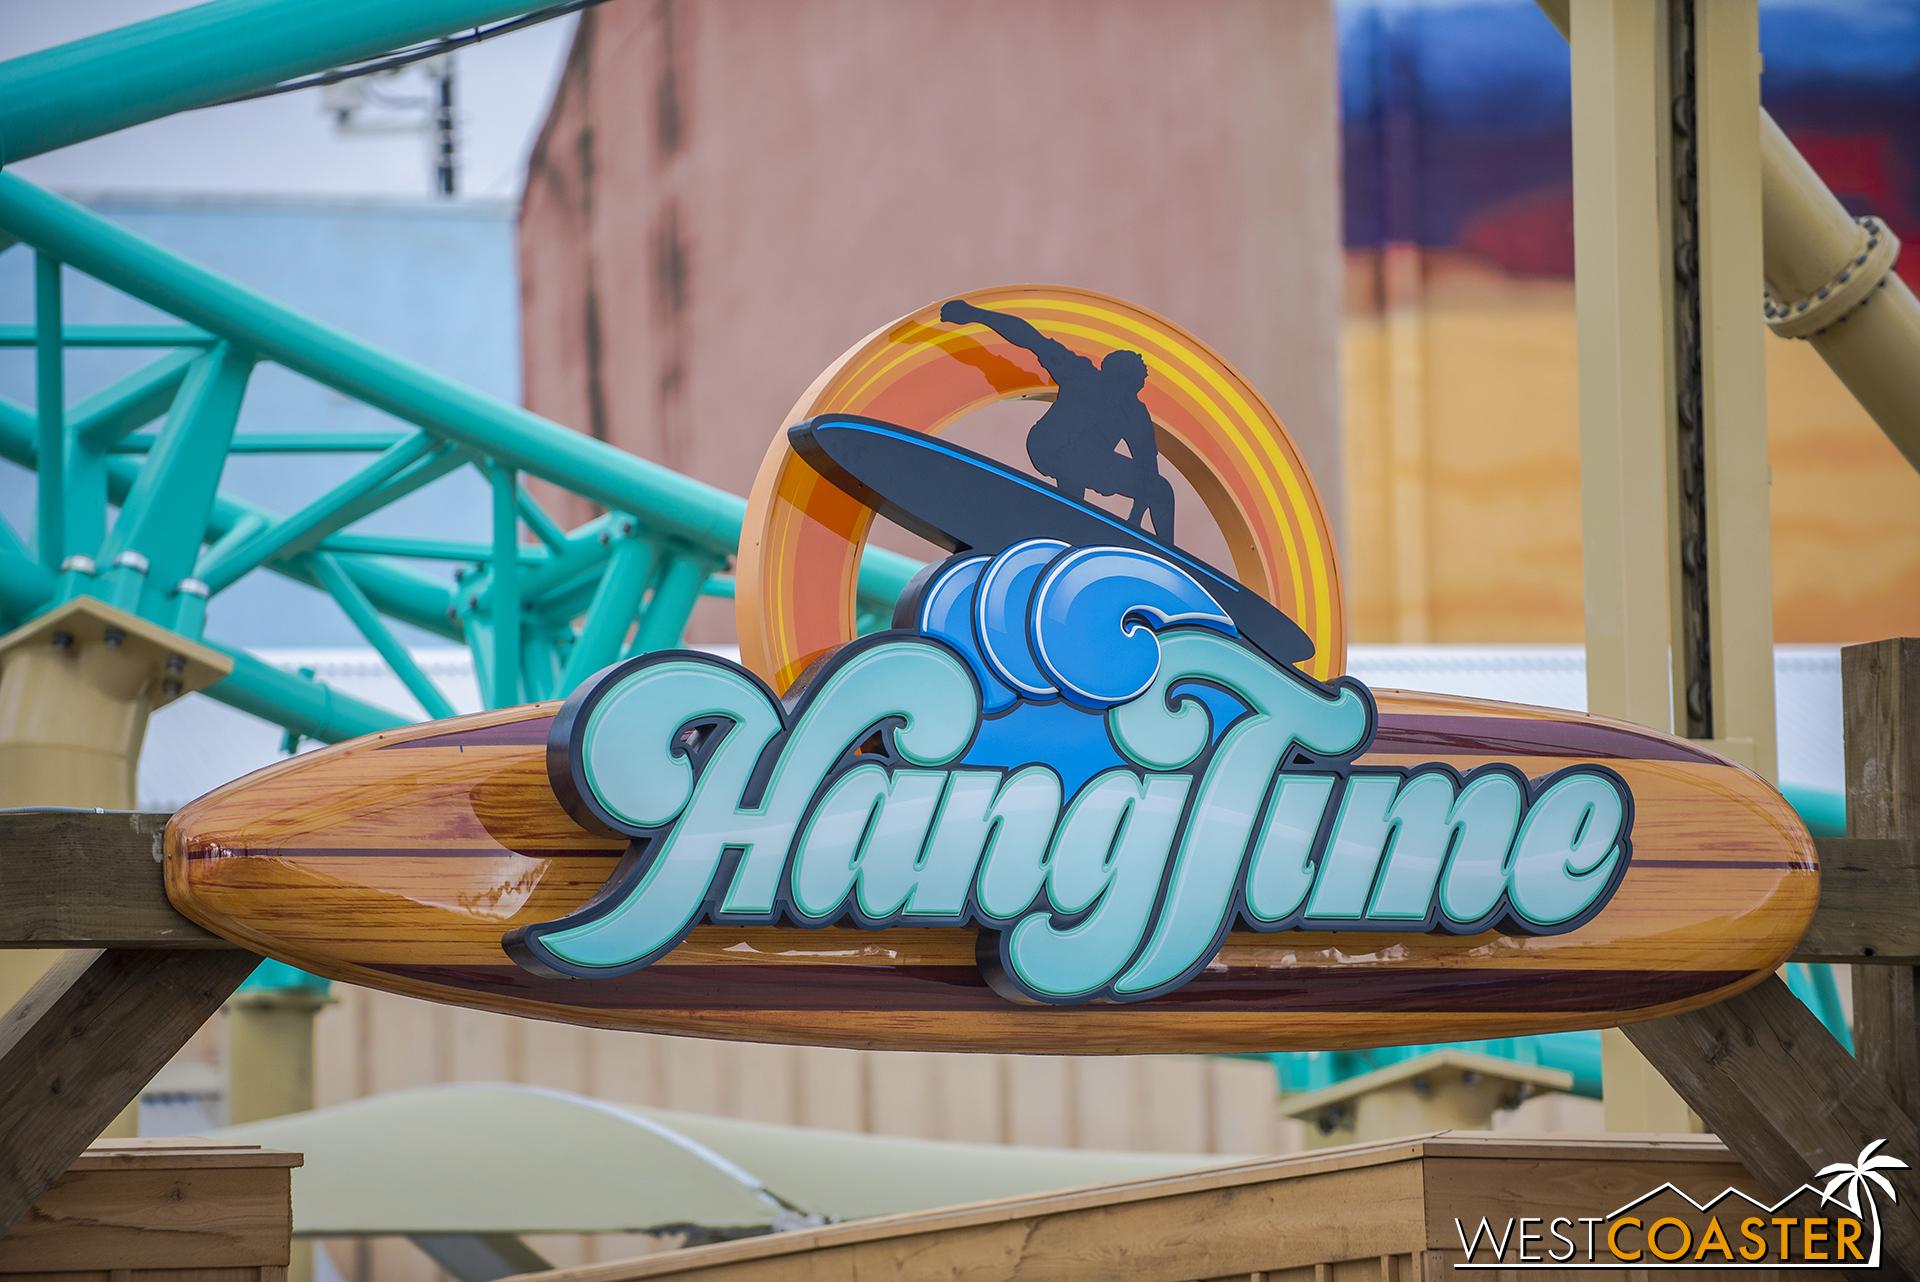 Look! It's HangTime!